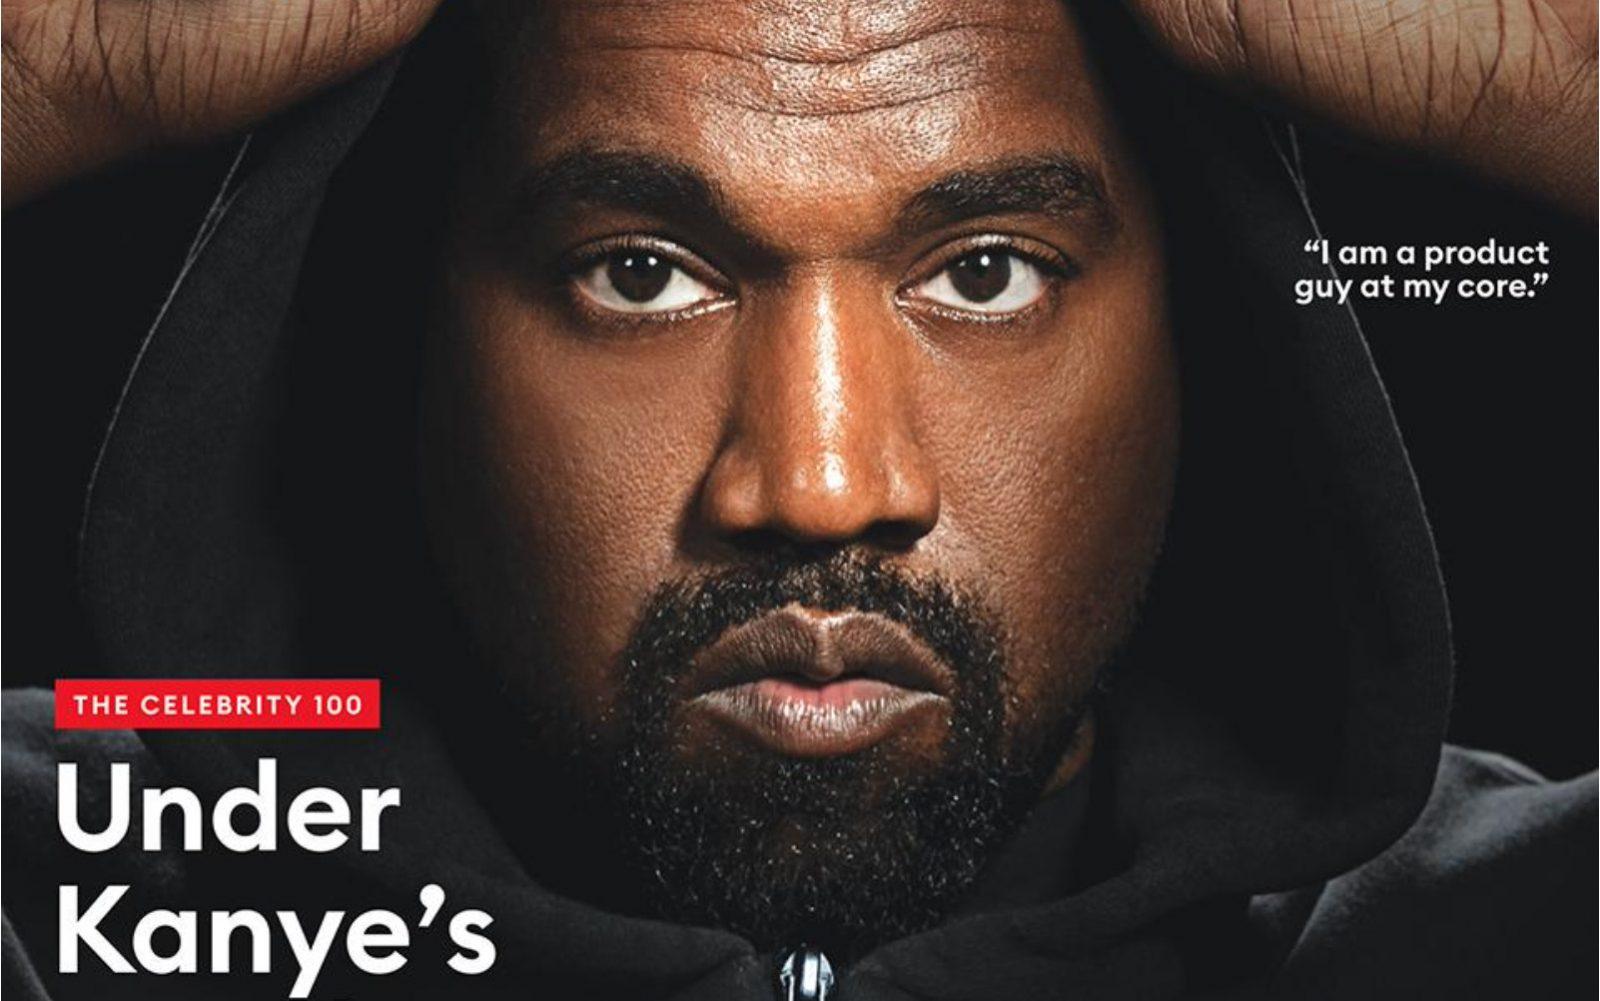 Кан'є-мільярдер: як Forbes оцінив реальністатки репера